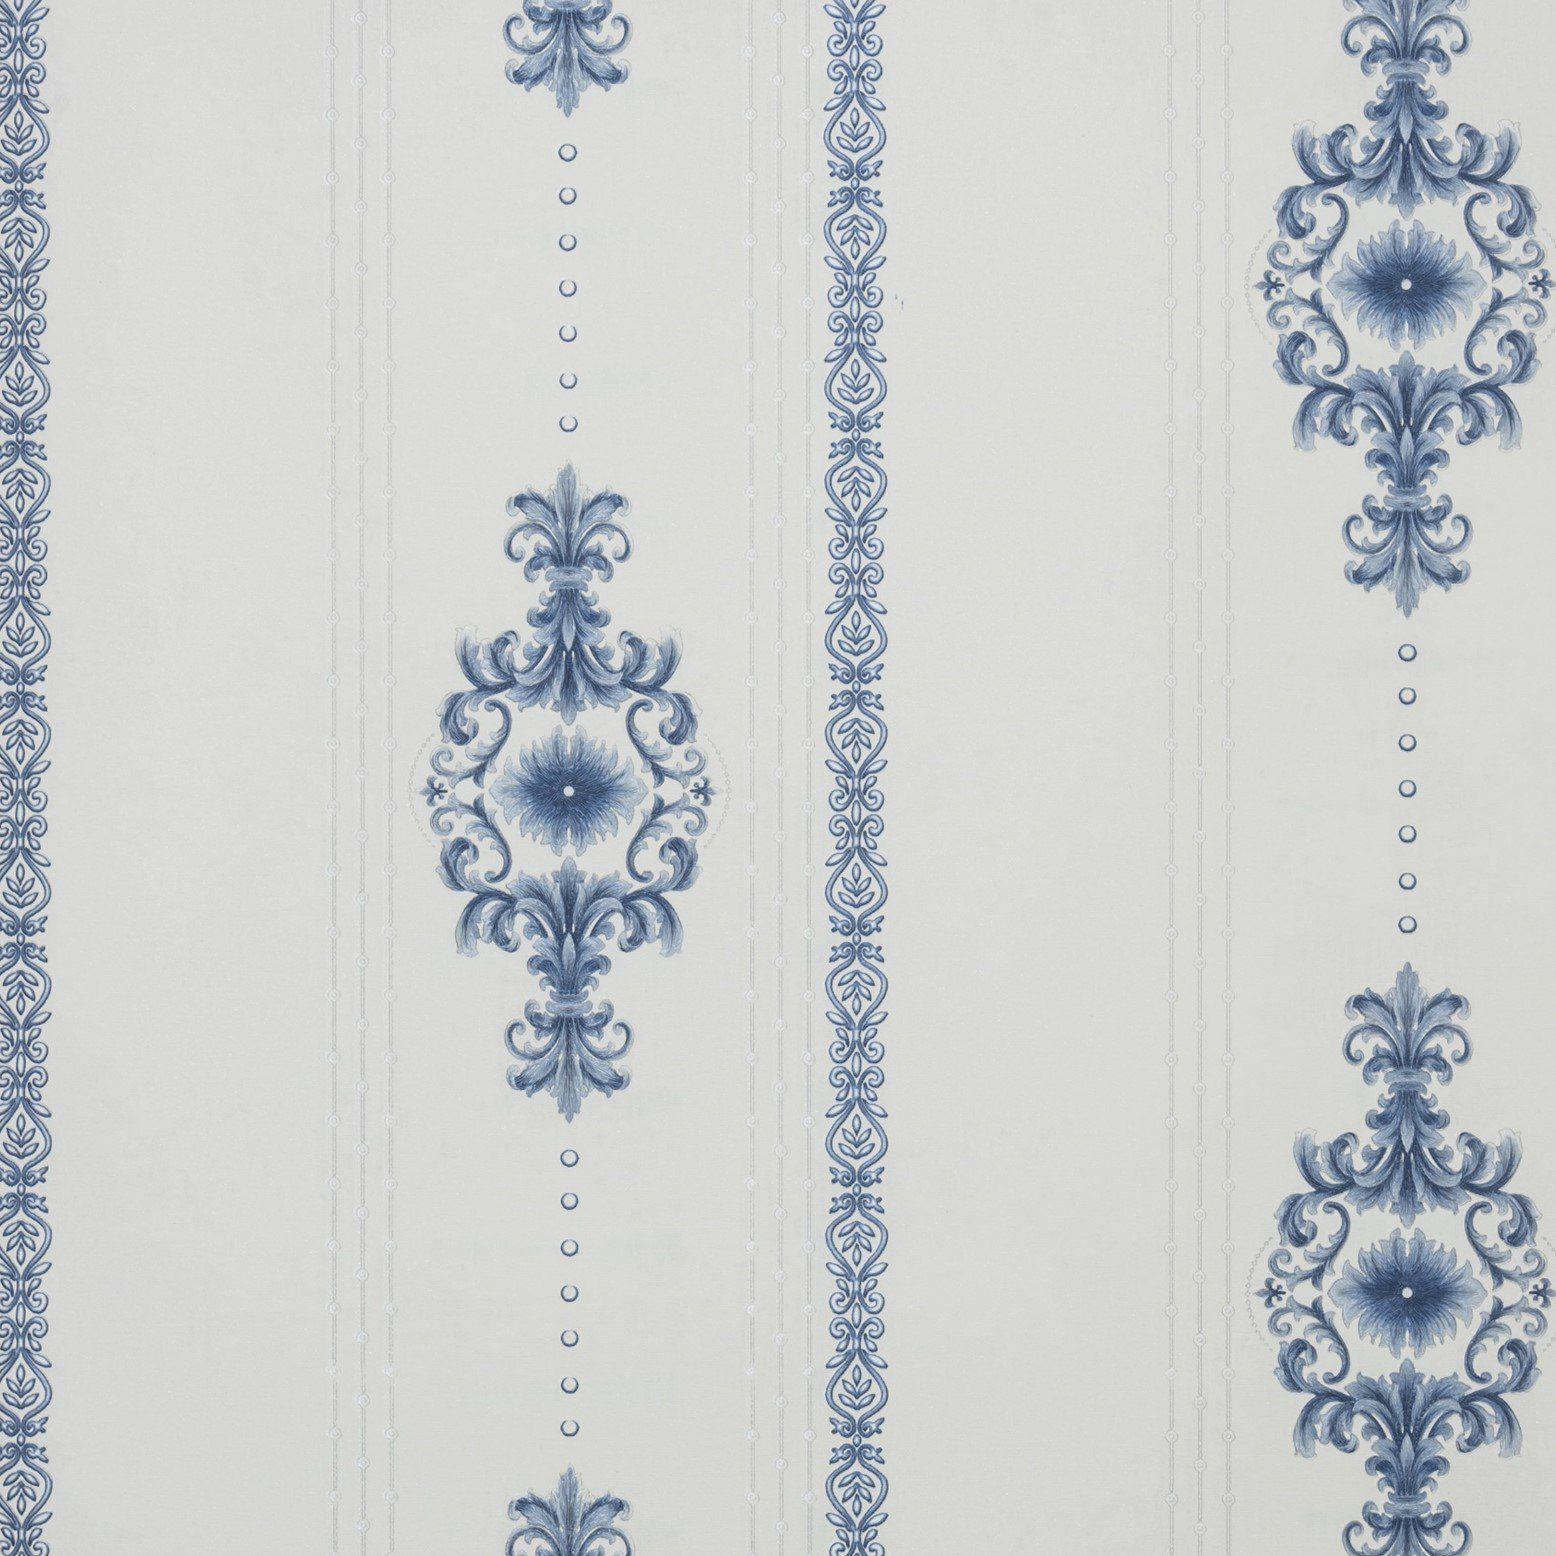 Papel de Parede Paris Decor Vinílico Coleção Colmar Damask Off White, Azul